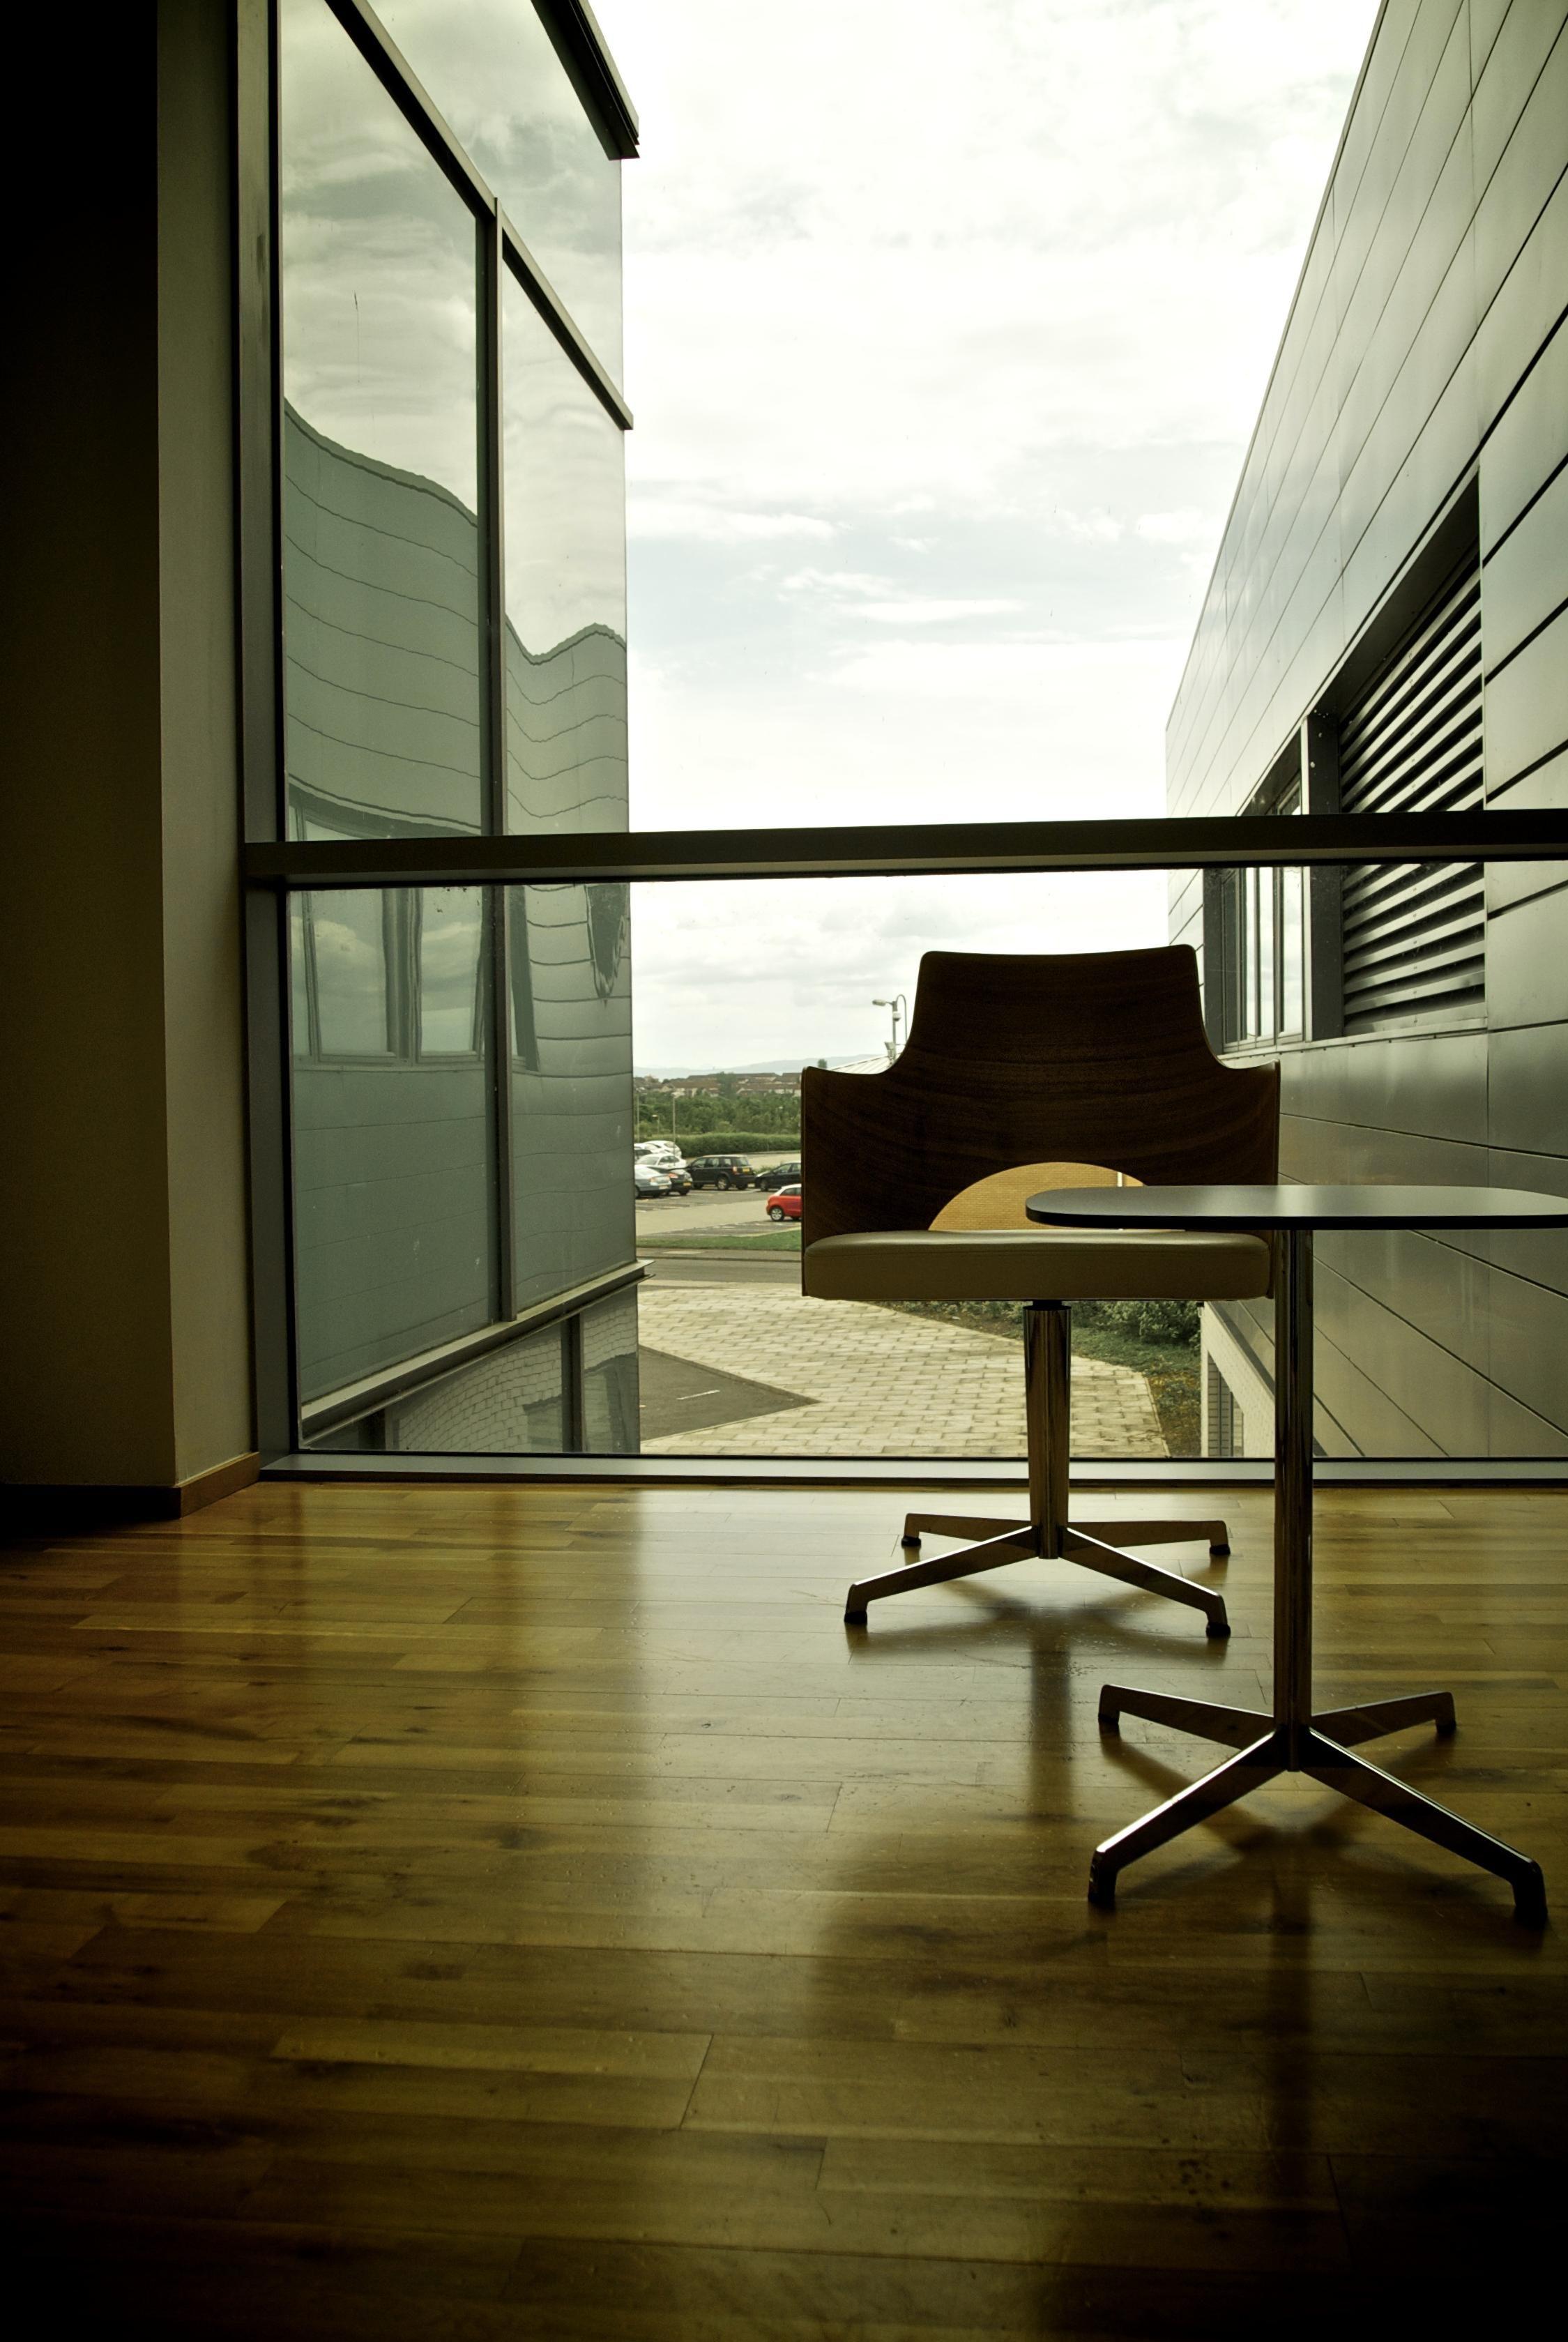 image libre l int rieur fen tre architecture bureau. Black Bedroom Furniture Sets. Home Design Ideas